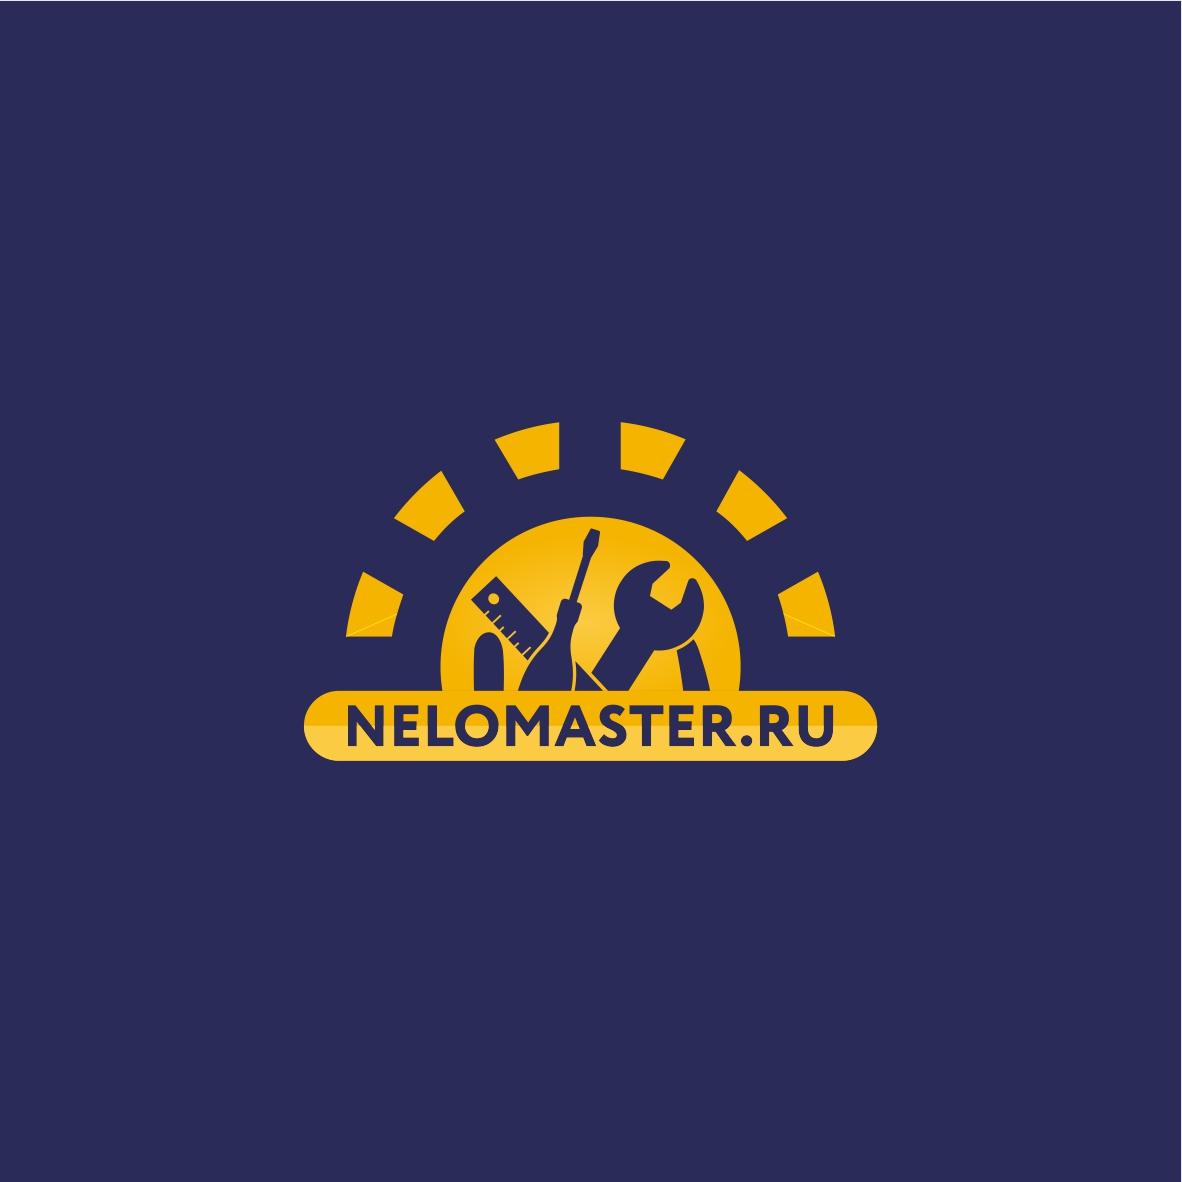 """Логотип сервиса """"Муж на час""""=""""Мужская помощь по дому"""" фото f_5715dc2fa3c3efb8.jpg"""